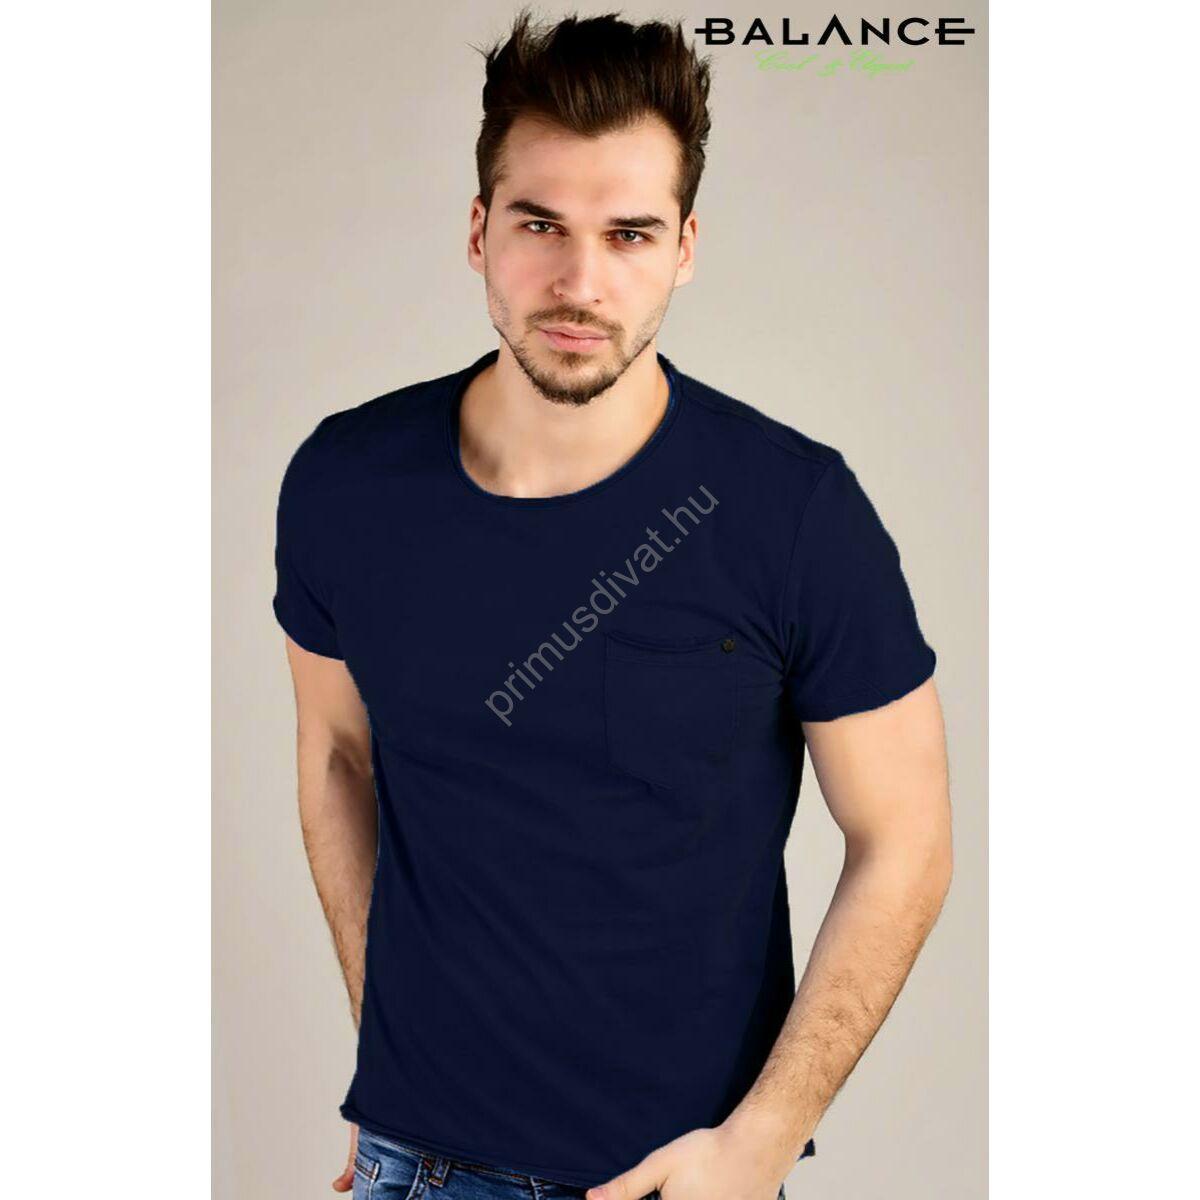 Balance kis zsebes sötétkék rövid ujjú póló felpöndörödő nyakkal 7d900e9724